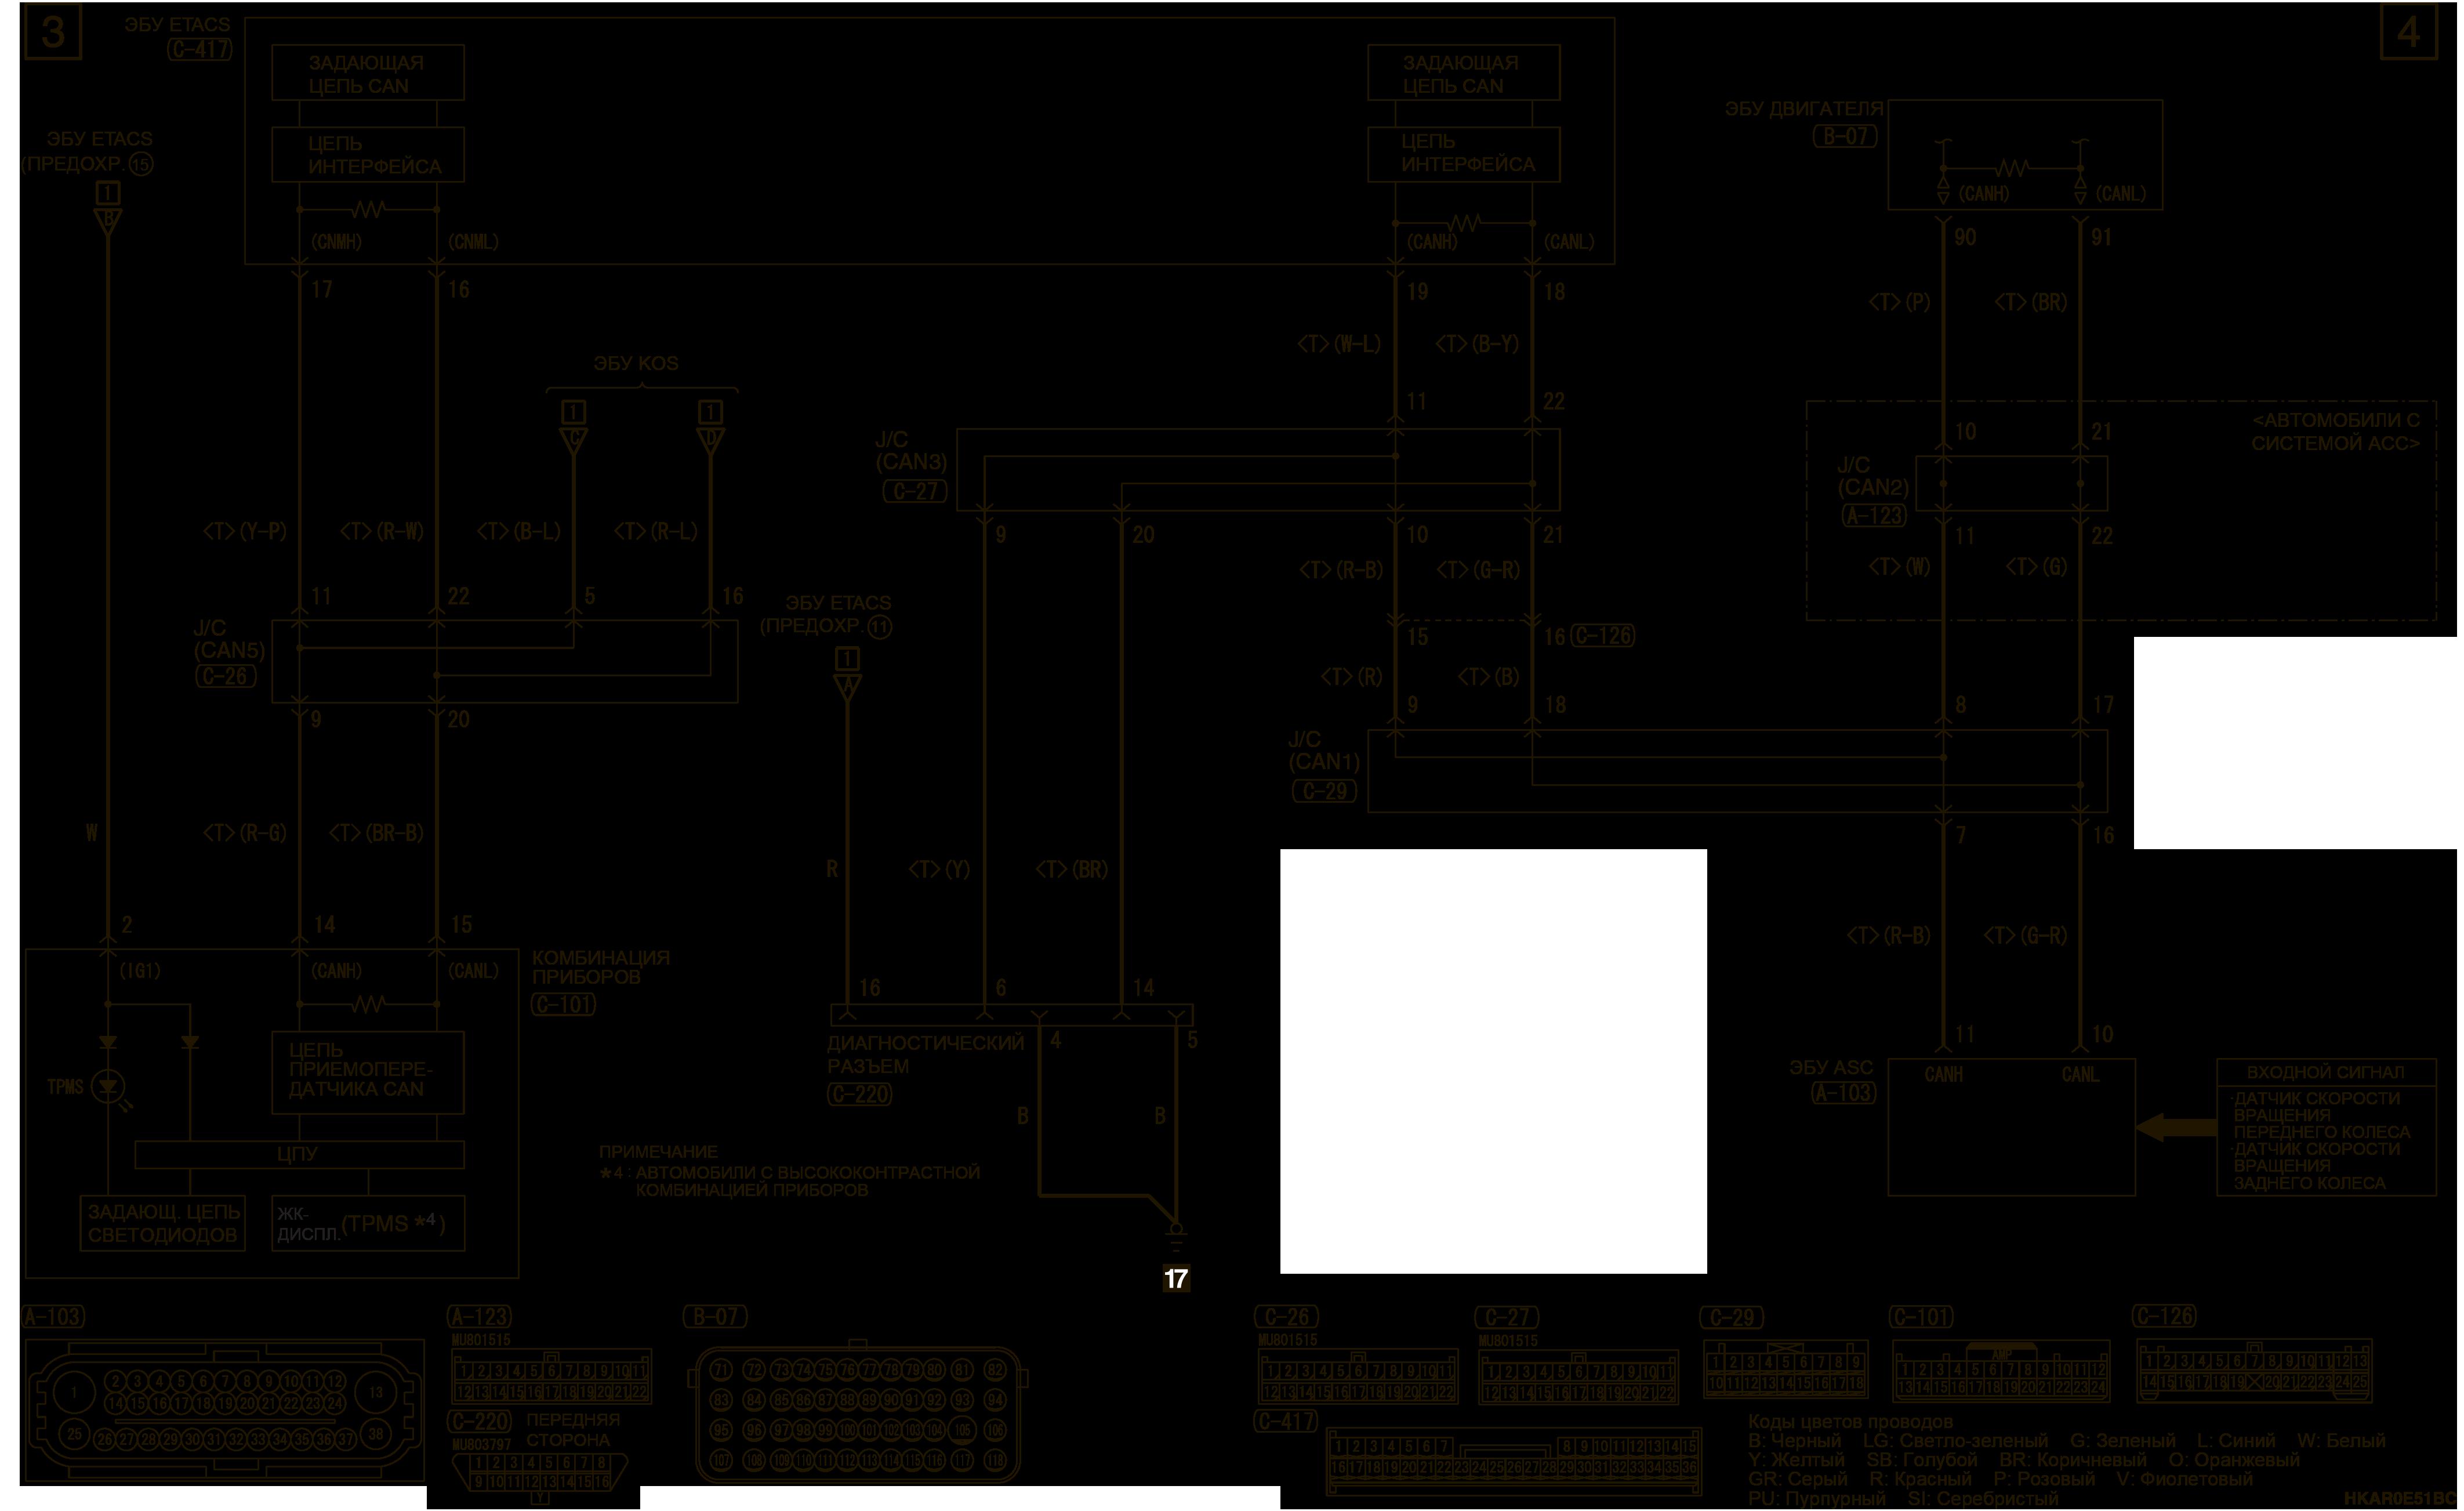 mmc аутлендер 3 2019 электросхемаСИСТЕМА КОНТРОЛЯ ДАВЛЕНИЯ В ШИНАХ (TPMS) АВТОМОБИЛИ ДЛЯ ЕВРОПЫ (ЛЕВАЯ СТОРОНА)